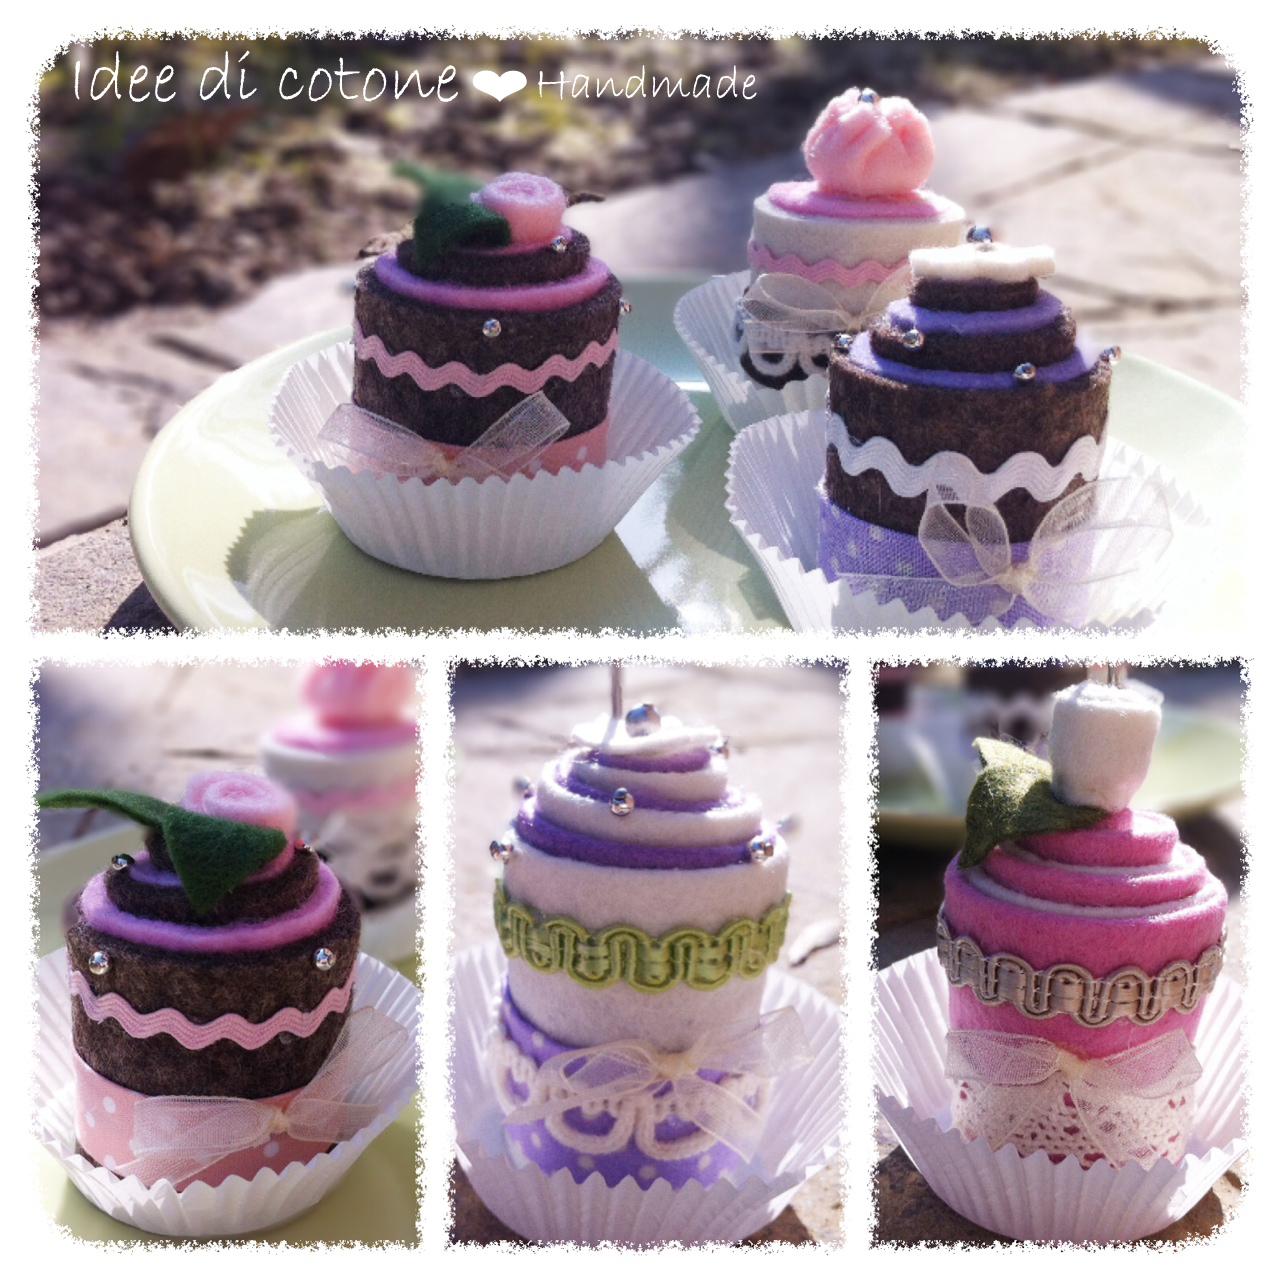 Idee di cotone dolci dietetici for Dolci dietetici